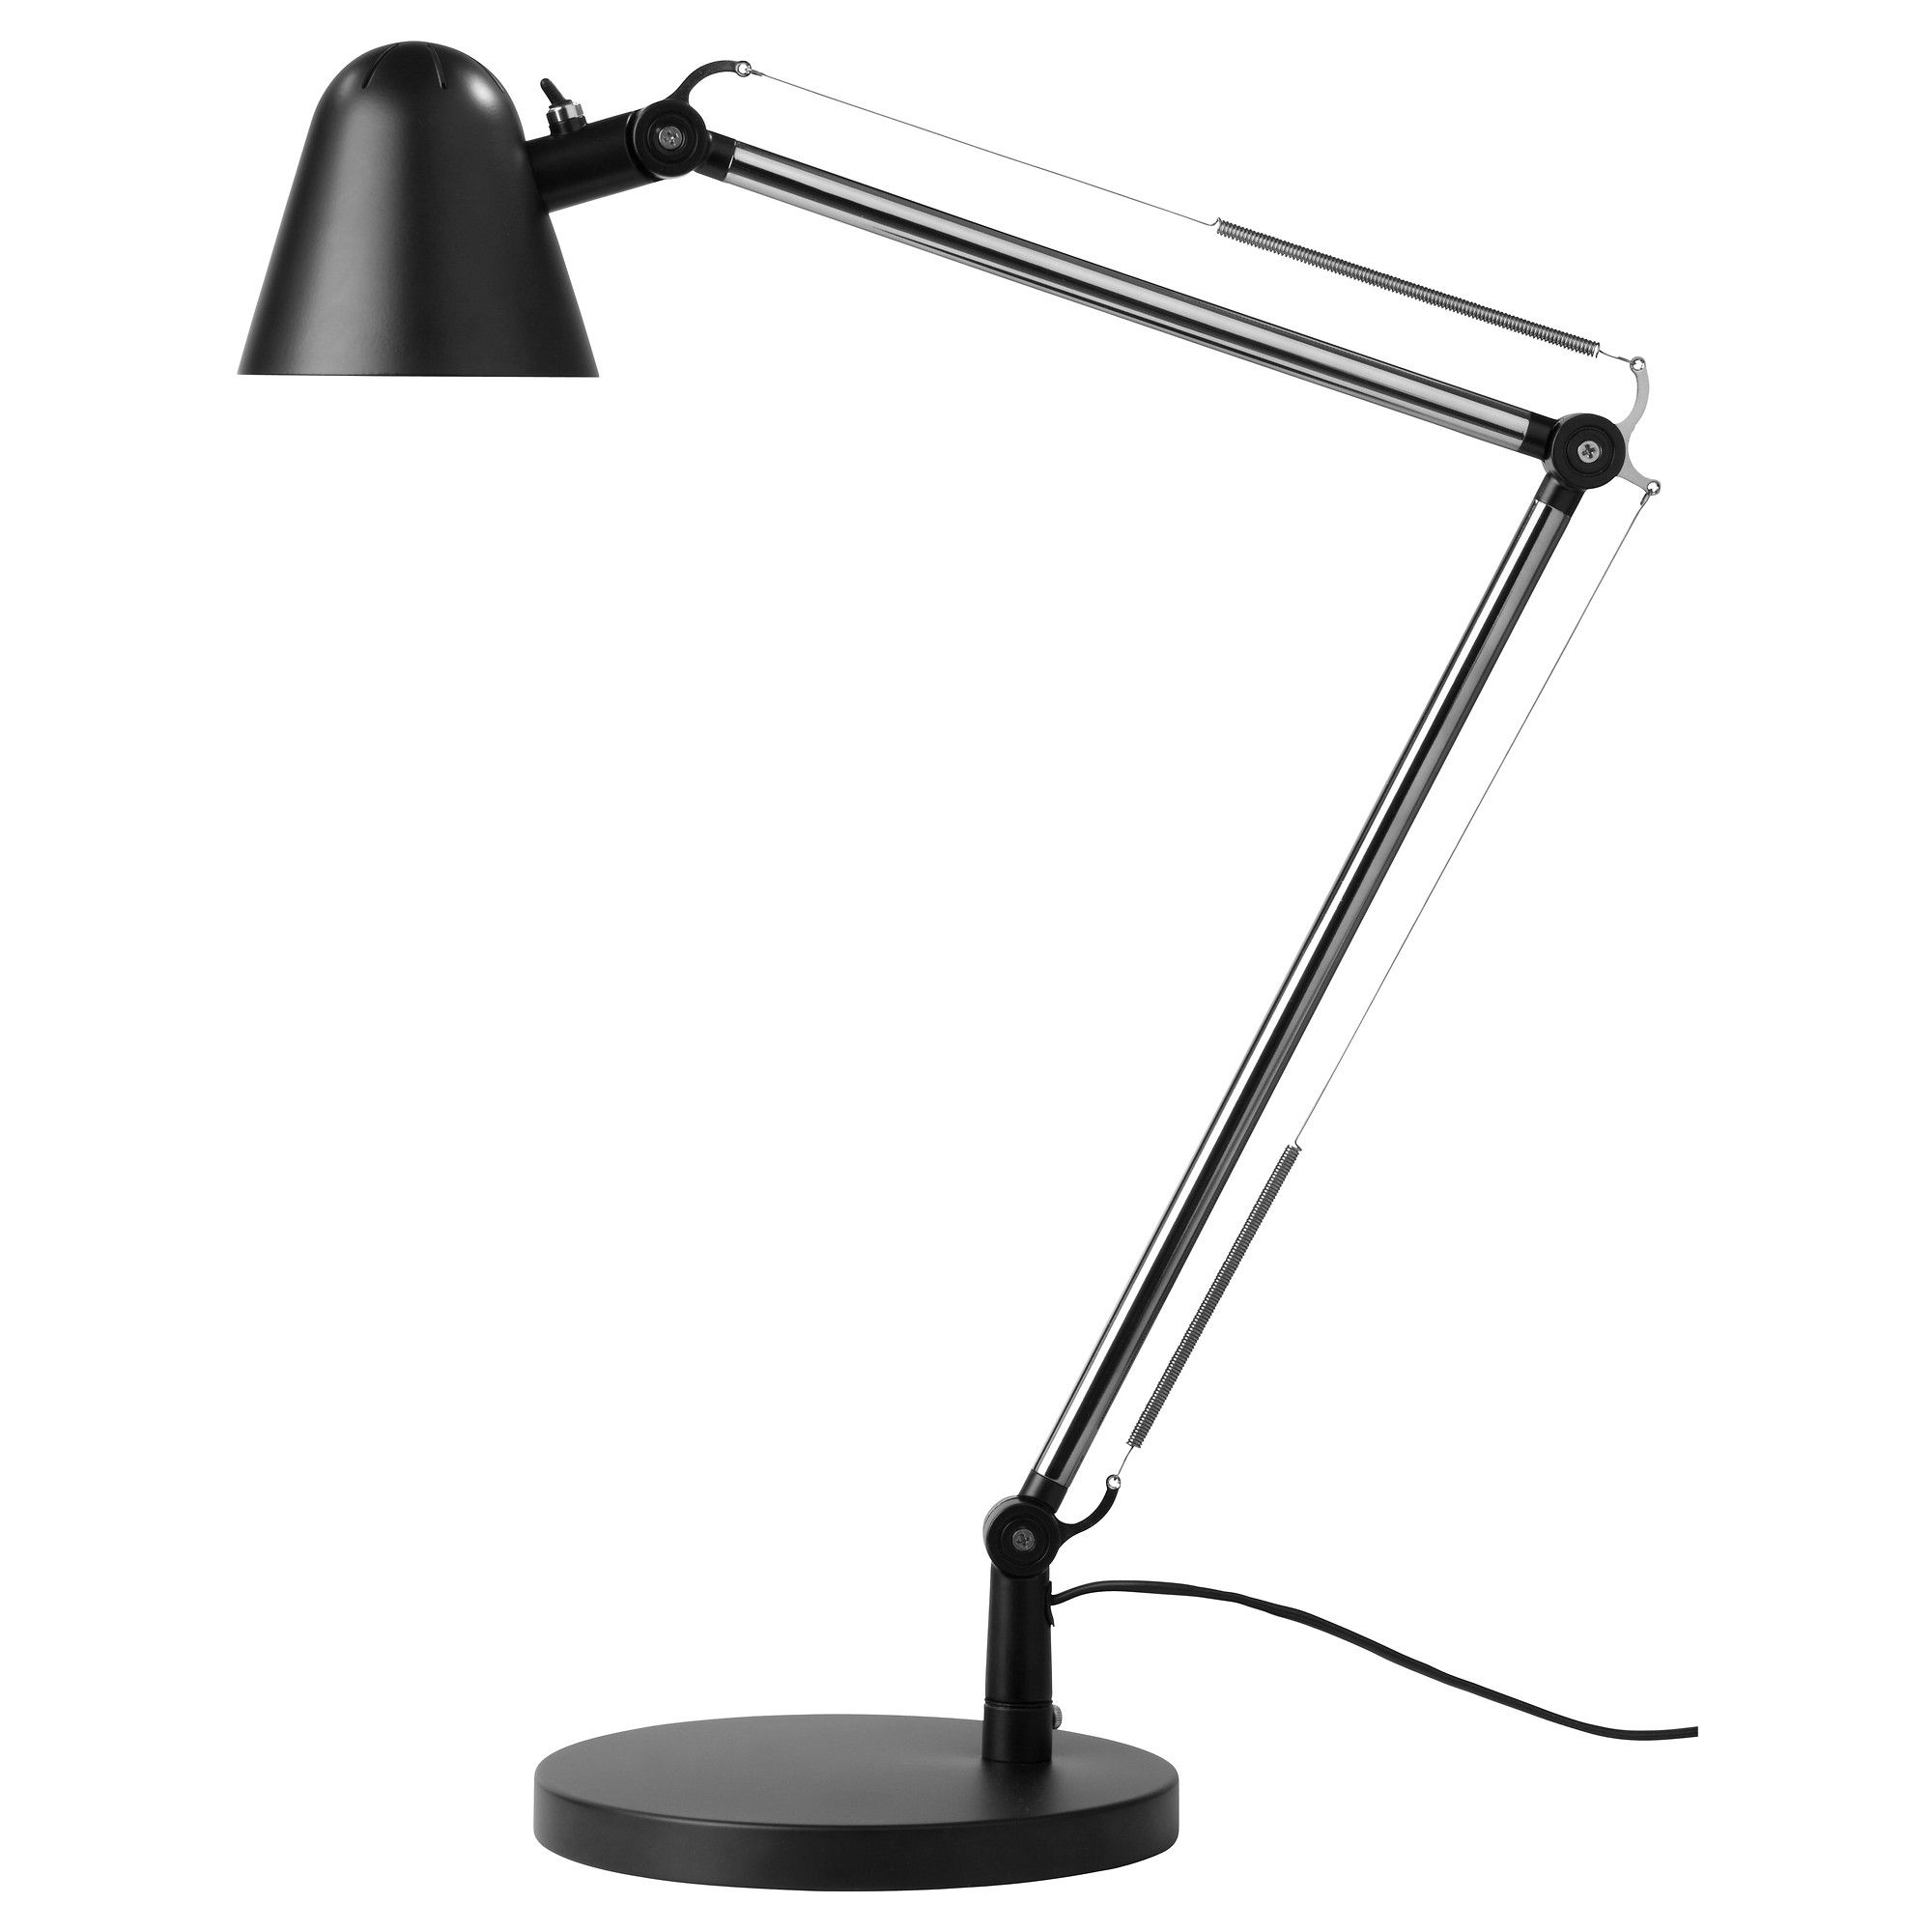 lamps hi klar design house form stockholm love lamp work us with dhs